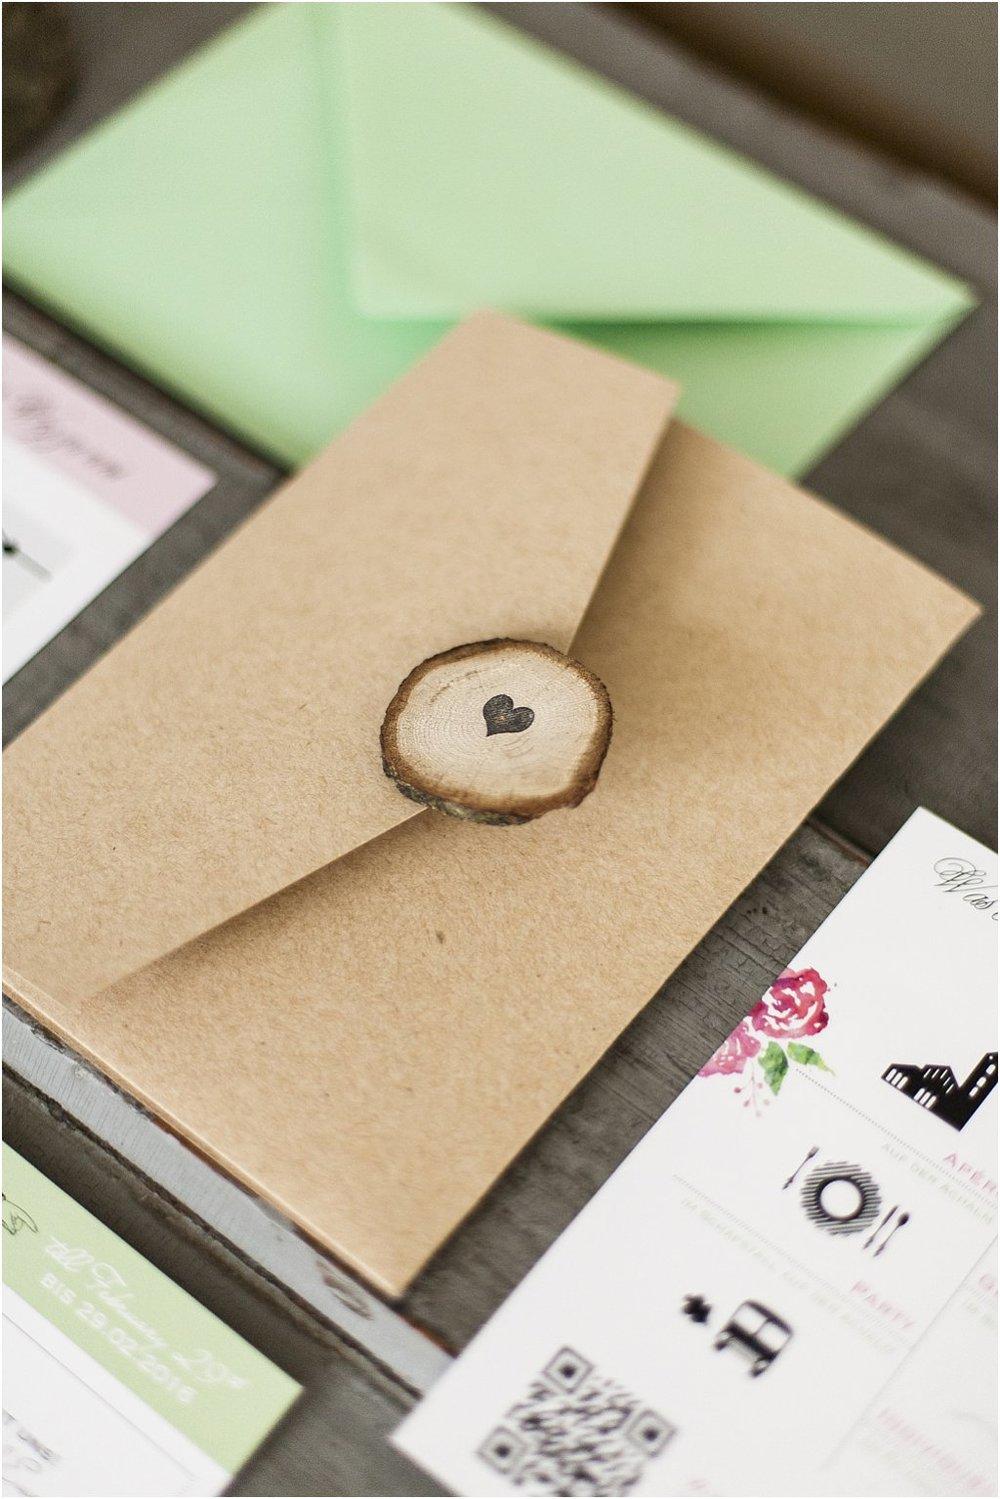 Pocketeinladung geschlossen mit Holzscheibe und Herzstempel